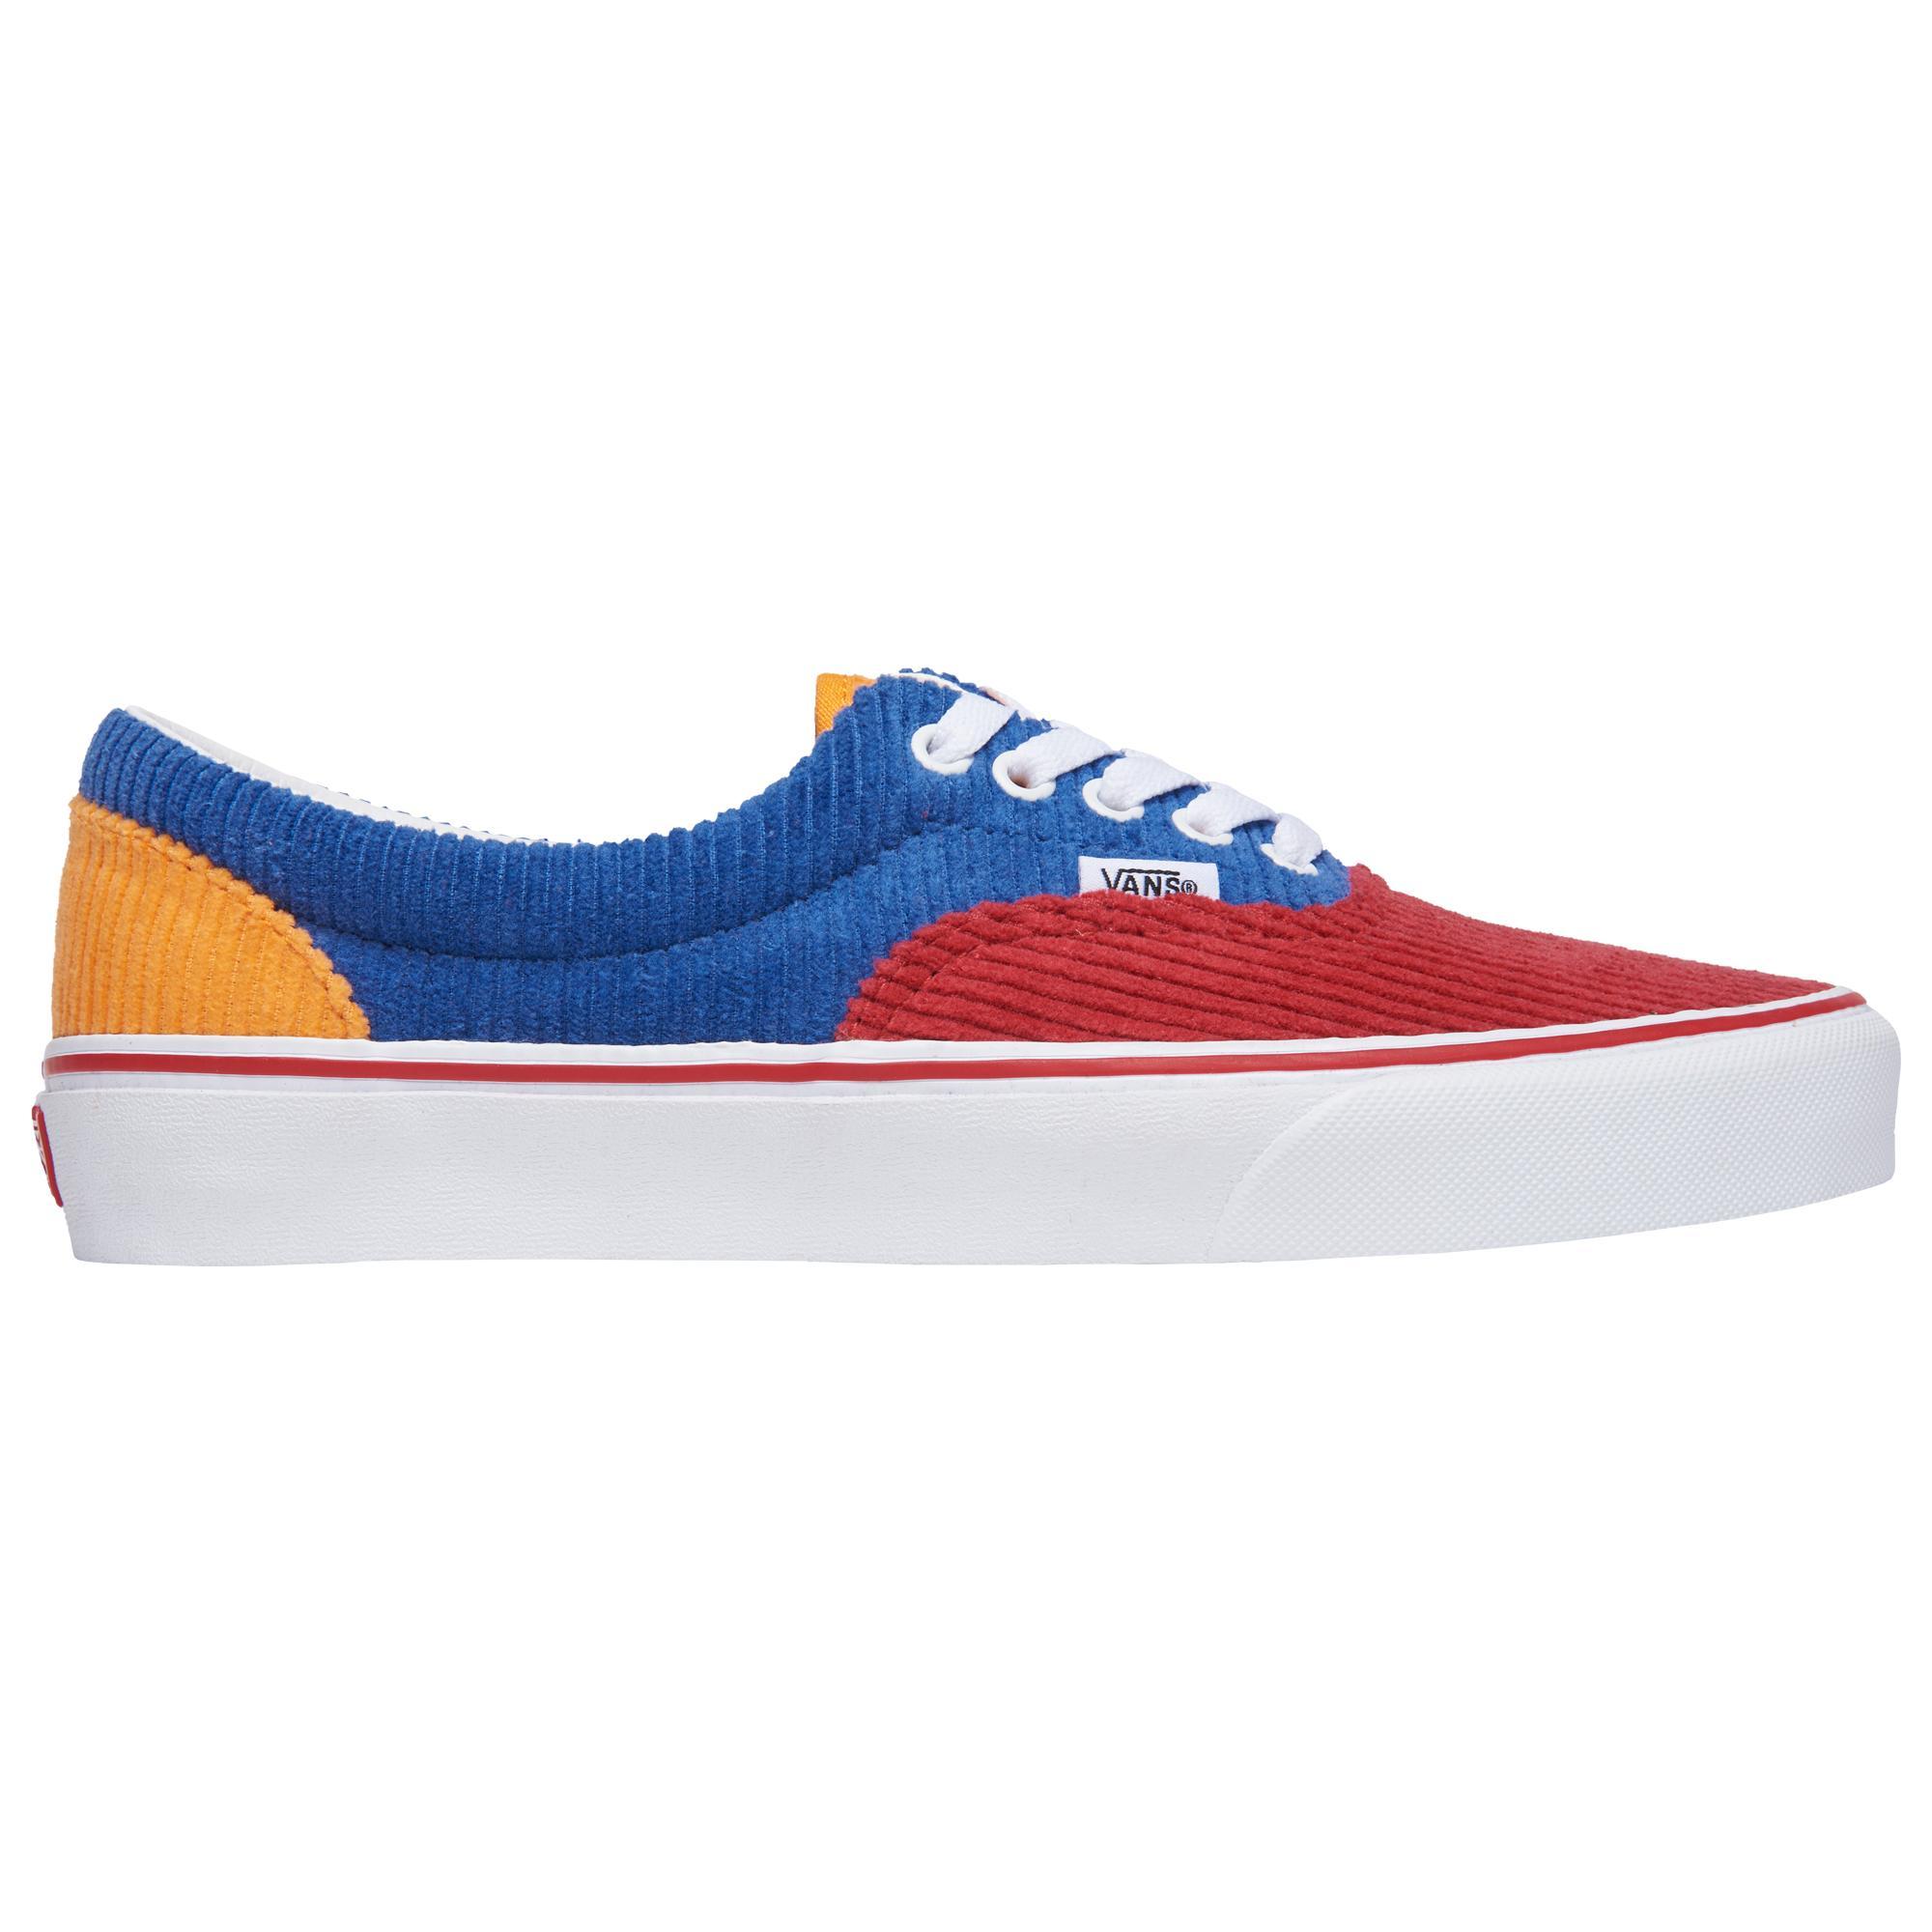 vans red blue era Online Shopping for